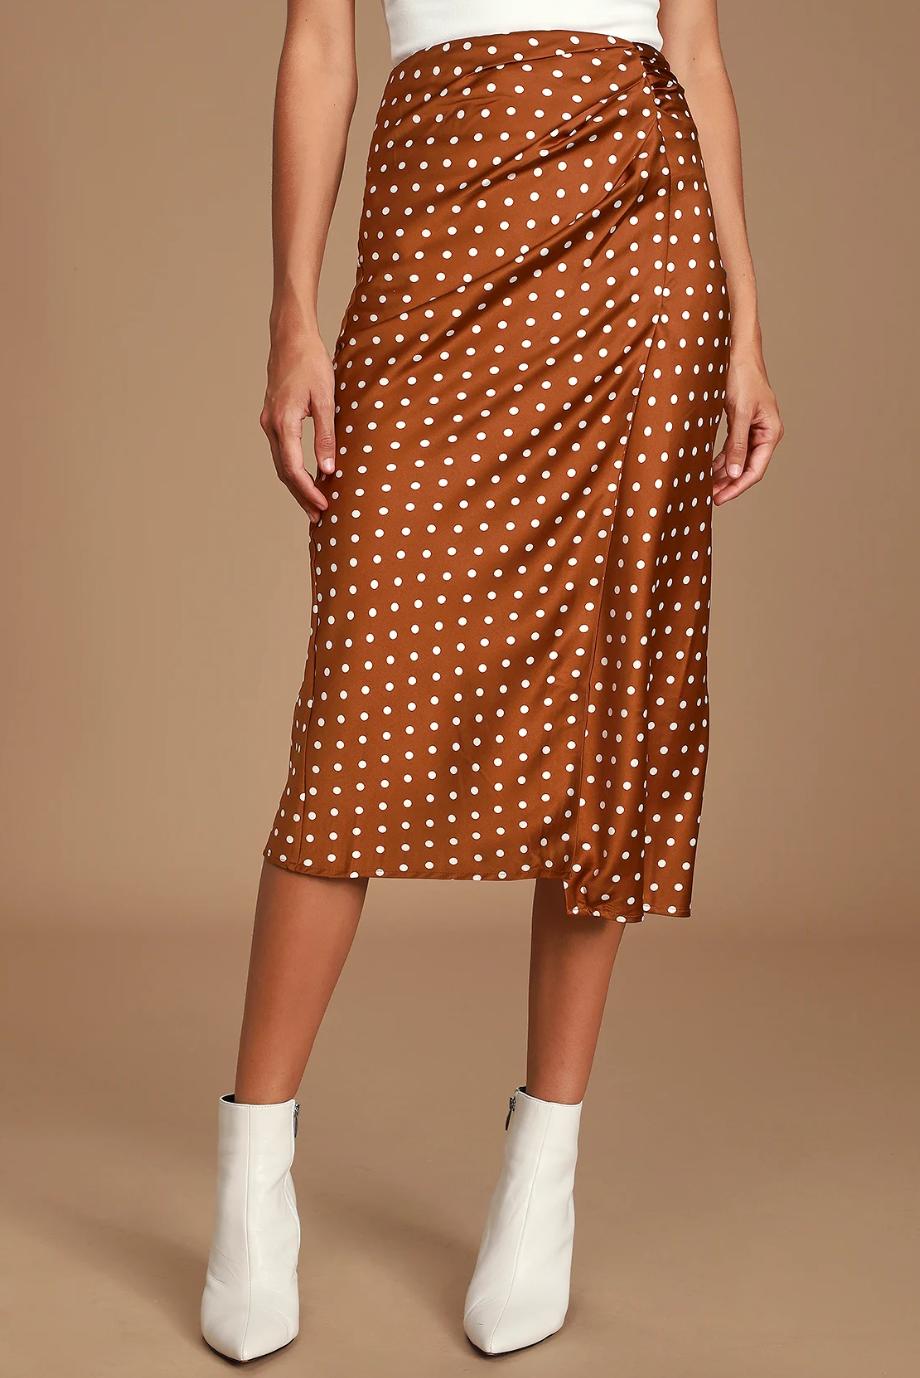 Andee Rust Brown Polka Dot Midi Skirt